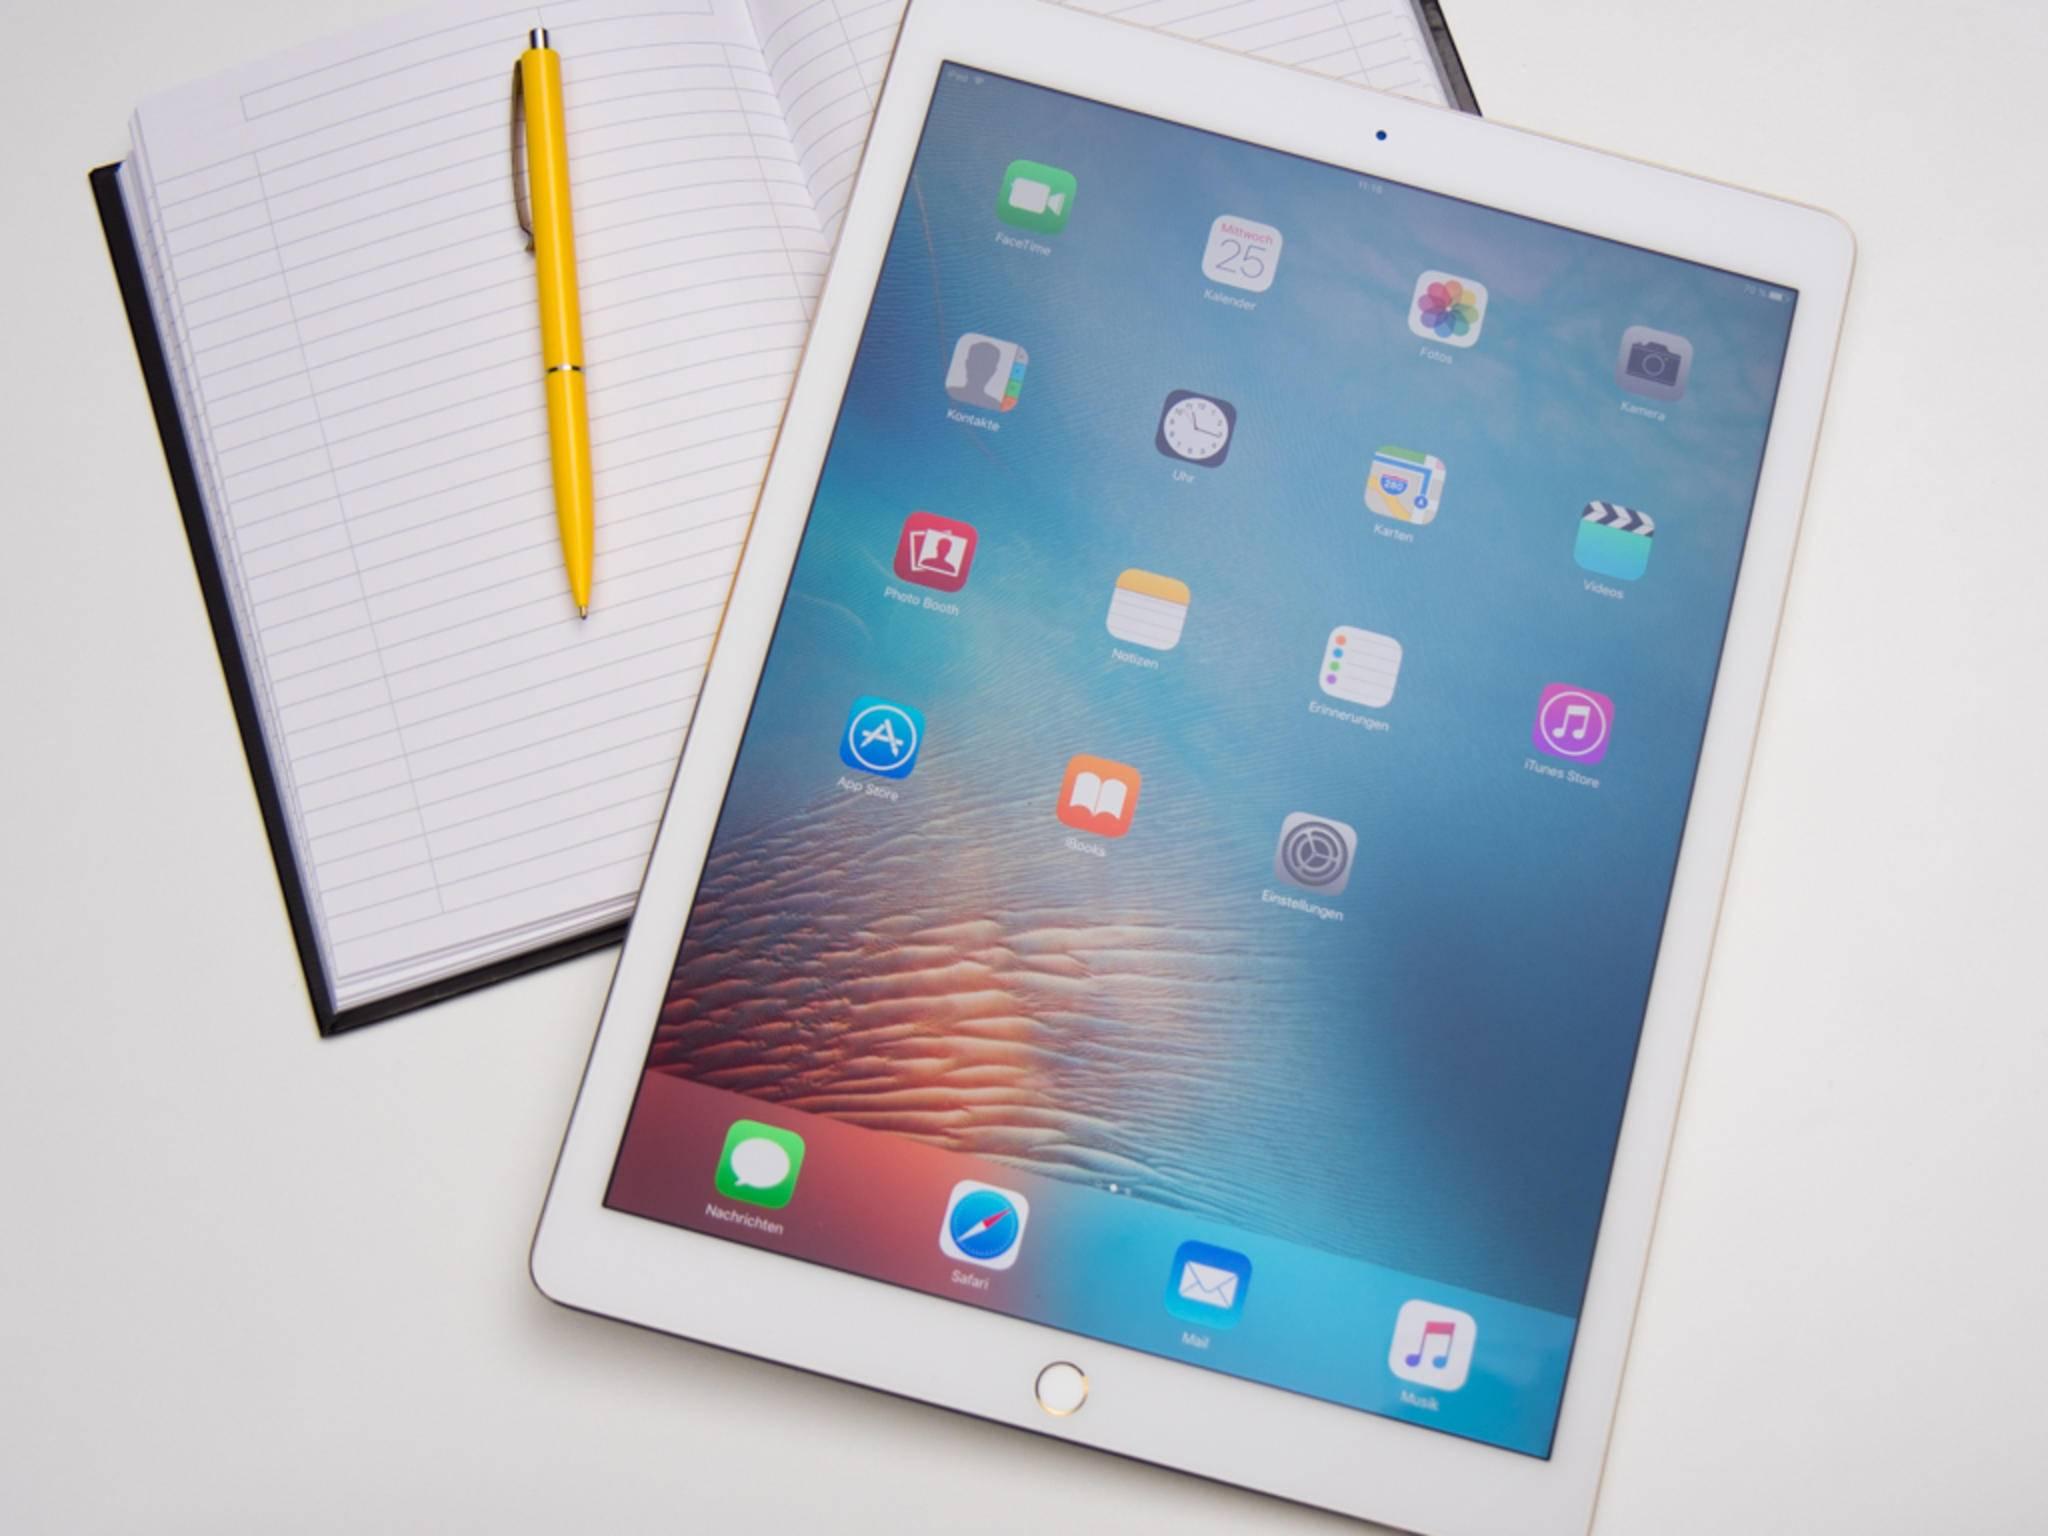 Das iPad Pro ist erhältlich mit 32 GB, 64 GB und 128 GB Speicher.